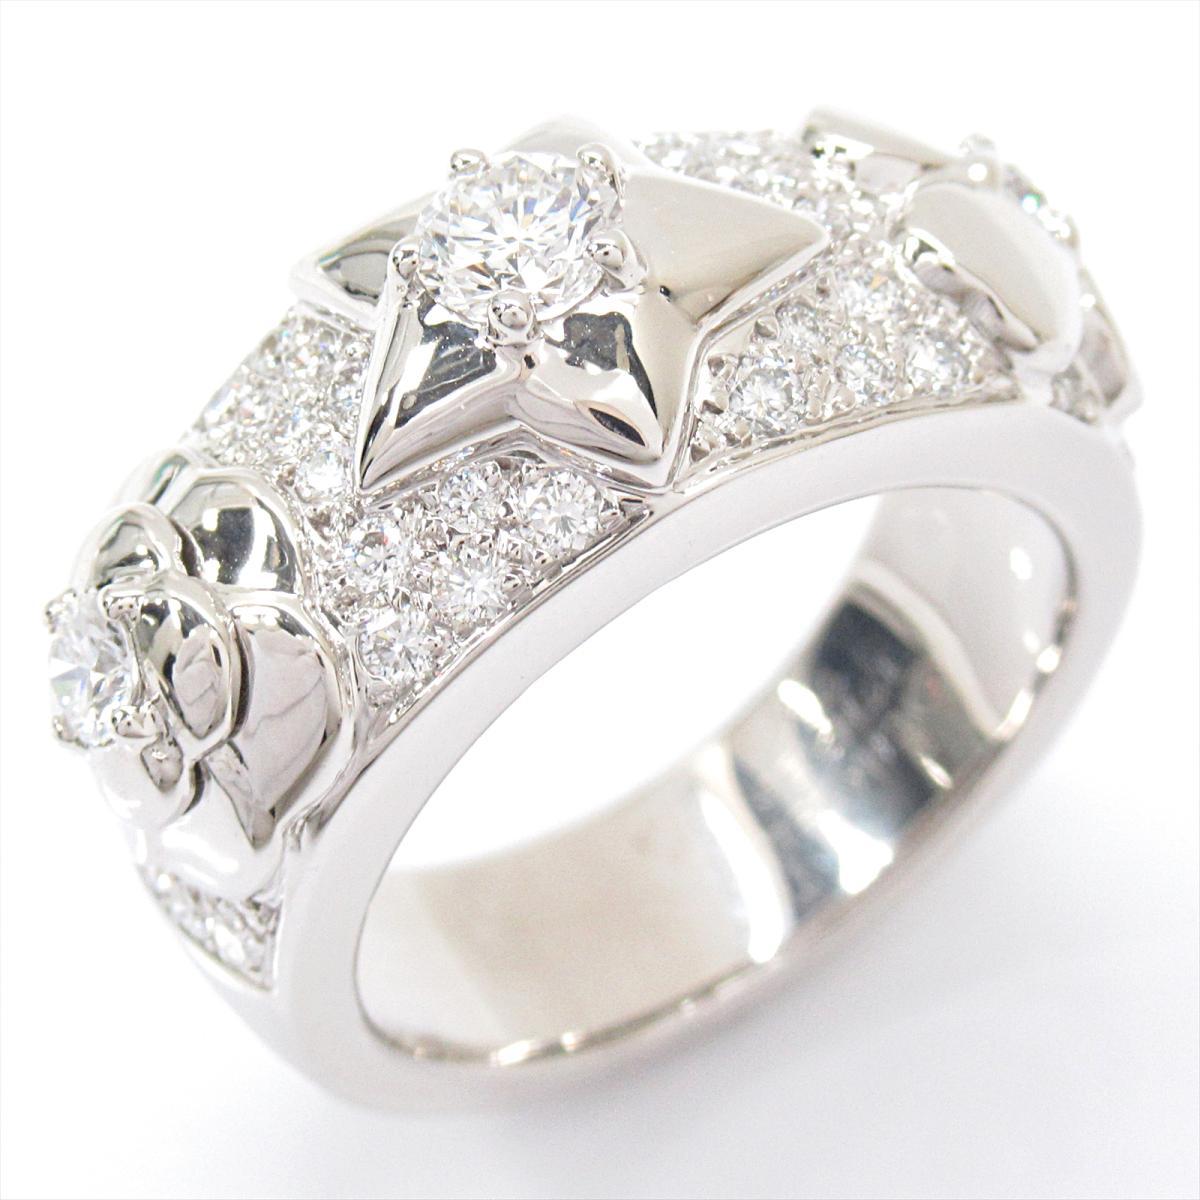 【中古】 シャネル スリーシンボル ダイヤモンド リング 指輪 レディース K18WG (750) ホワイトゴールド x | CHANEL BRANDOFF ブランドオフ ブランド ジュエリー アクセサリー